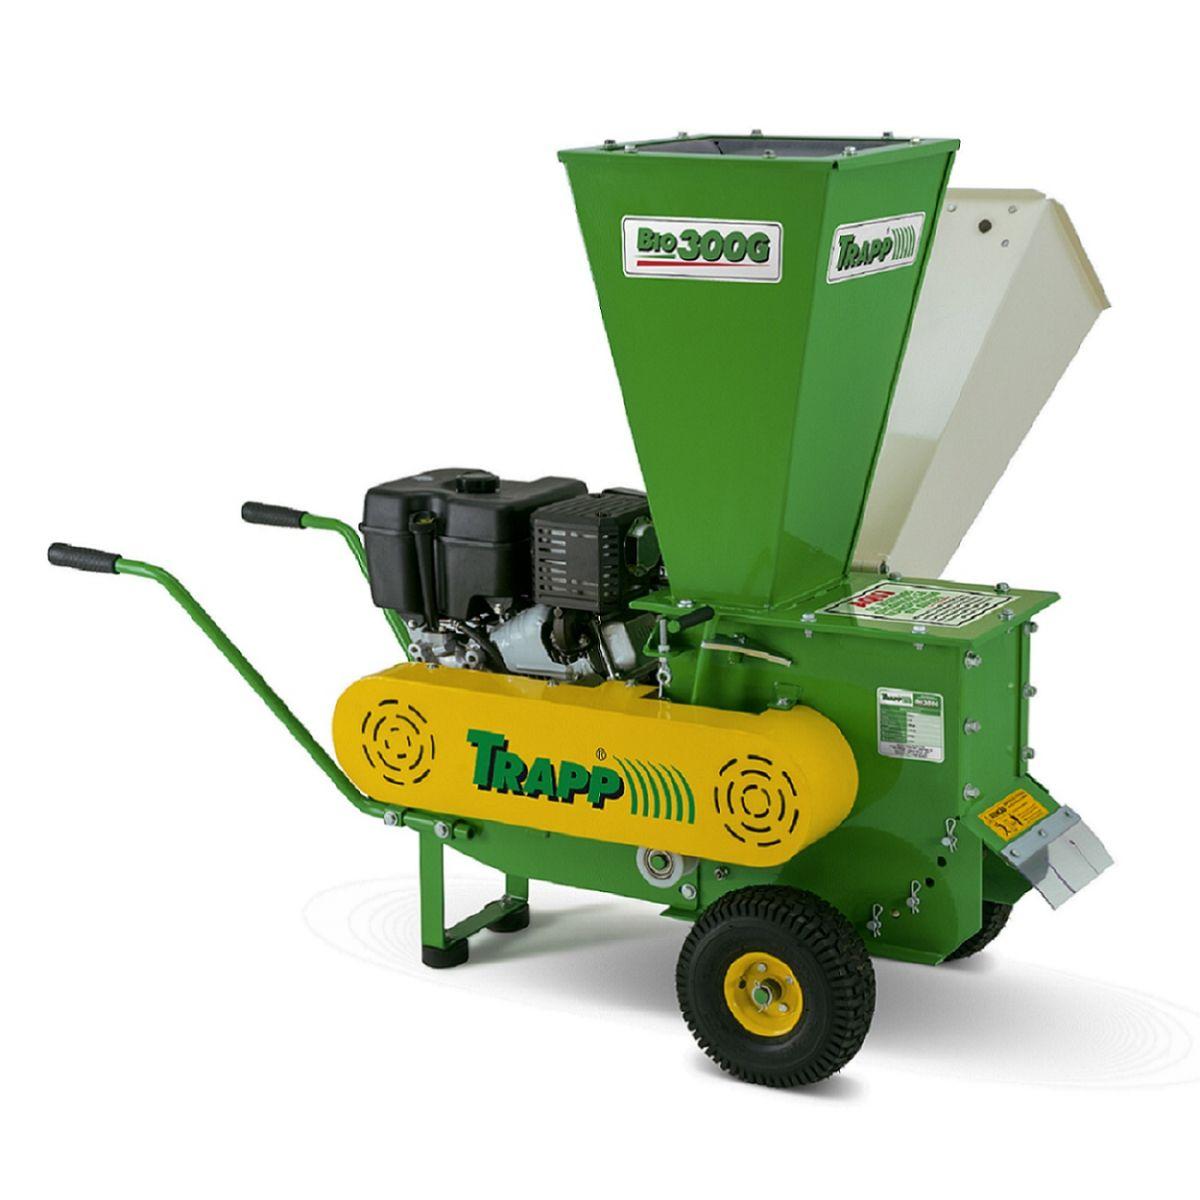 Triturador Orgânico/Compostagem Gasolina 13,5 HP BIO 300 - Trapp